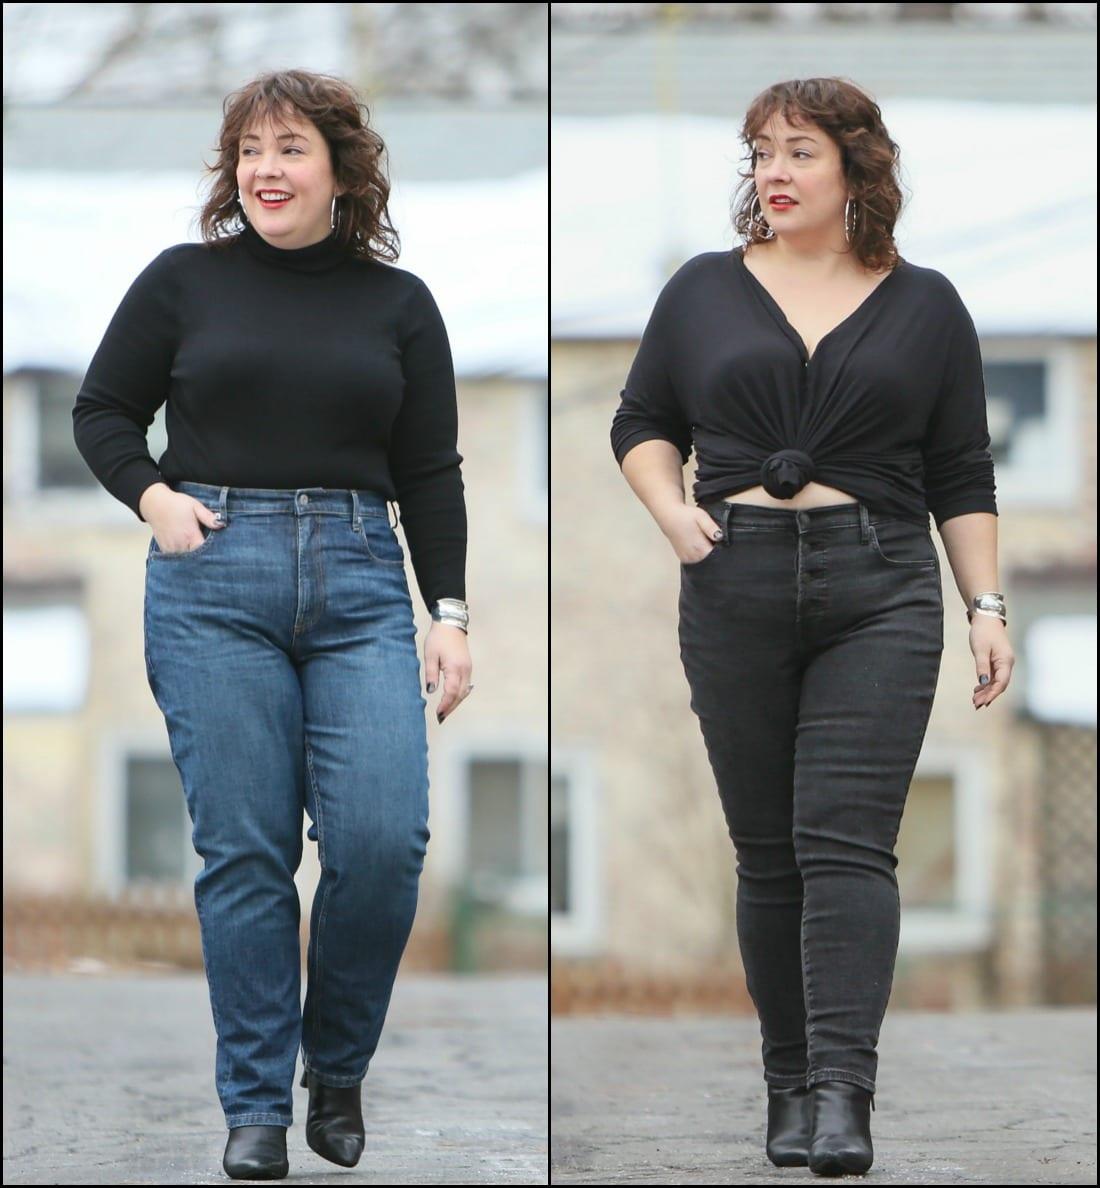 everlane jeans review comparison